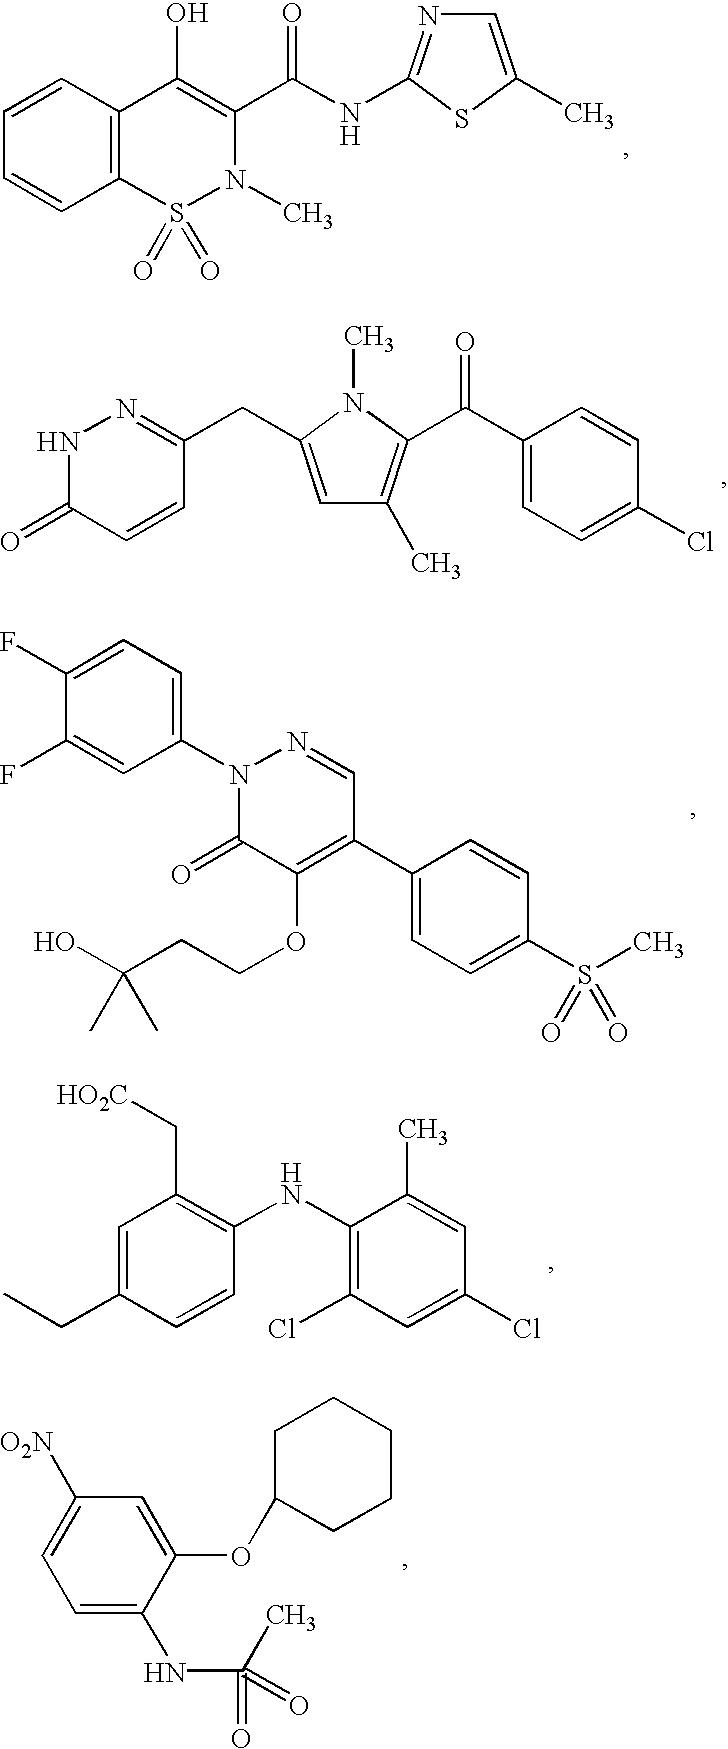 Figure US20030211163A1-20031113-C00052